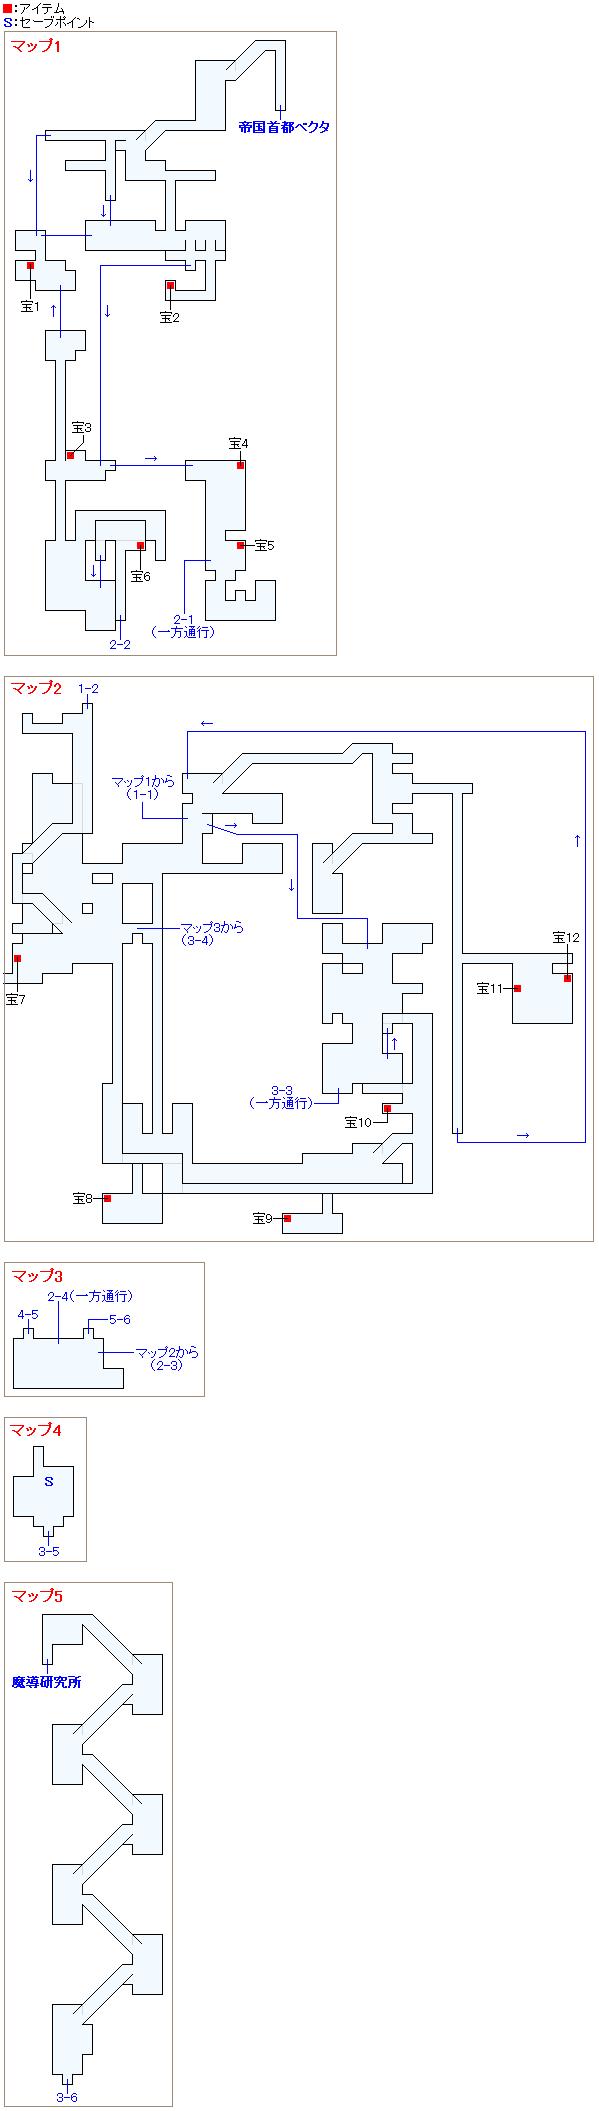 魔導工場のマップ画像